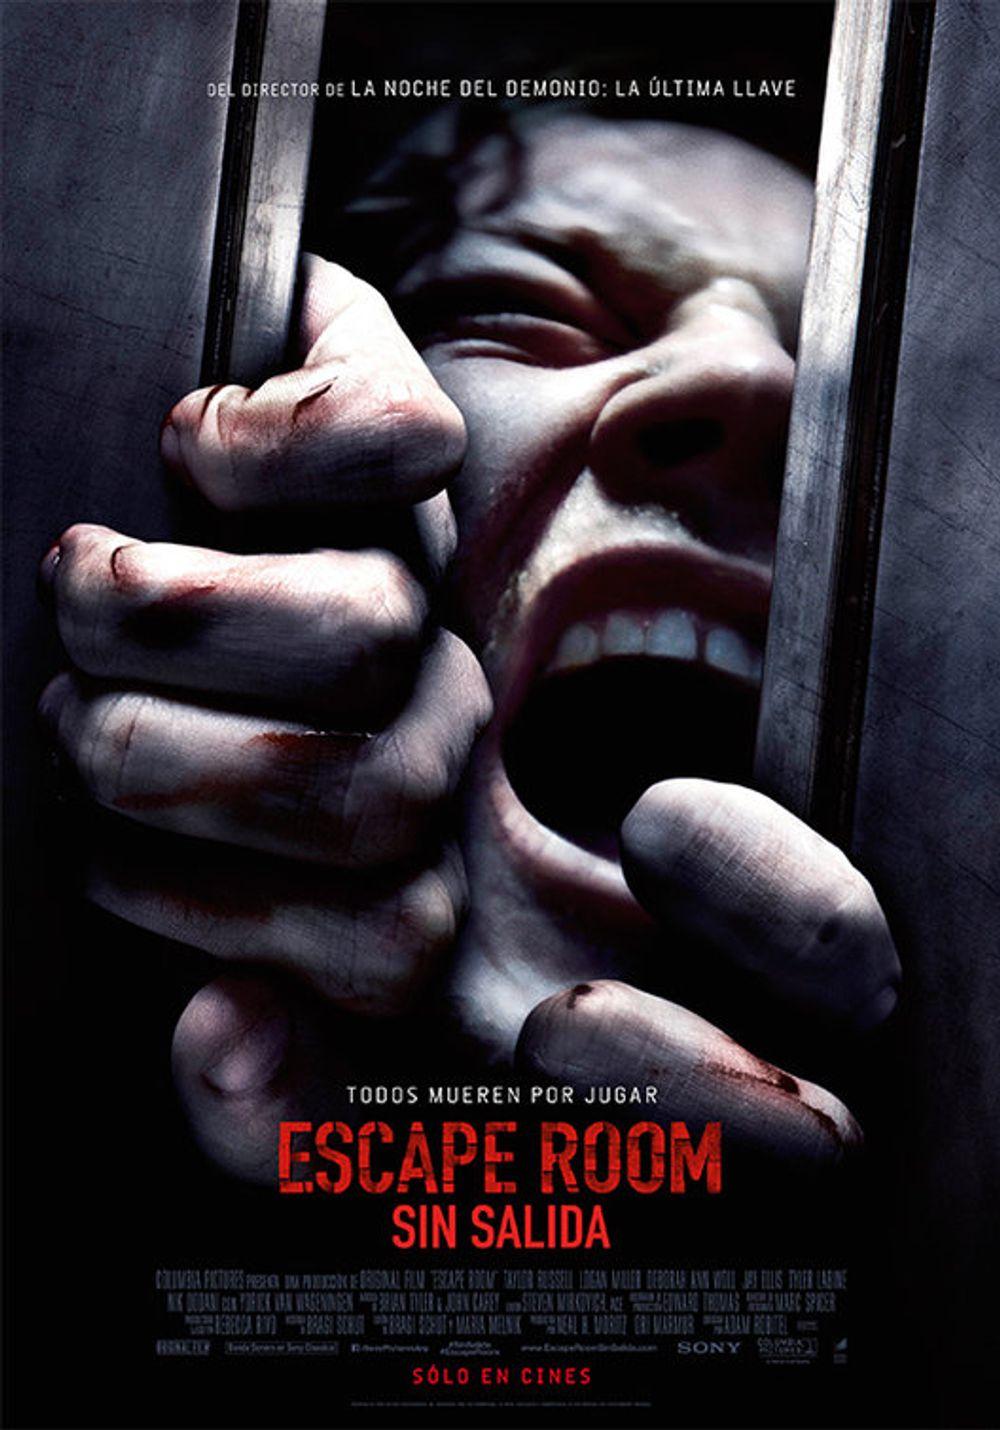 1-Escape Room